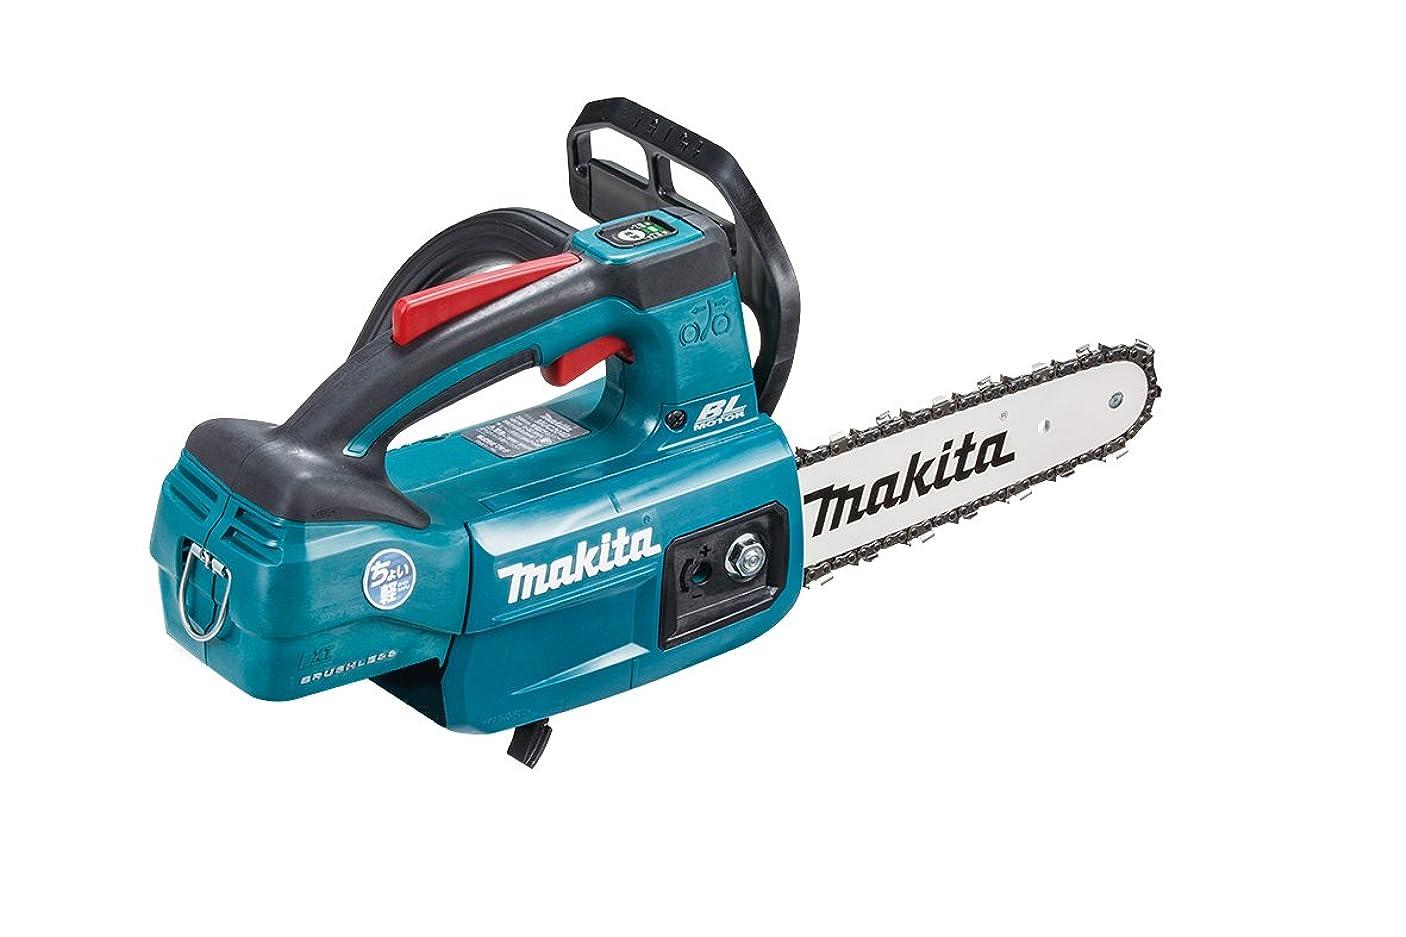 メイド過言活性化するマキタ(Makita) 充電式チェンソー ガイドバー長さ200mm 18V バッテリ?充電器別売 MUC204DZ